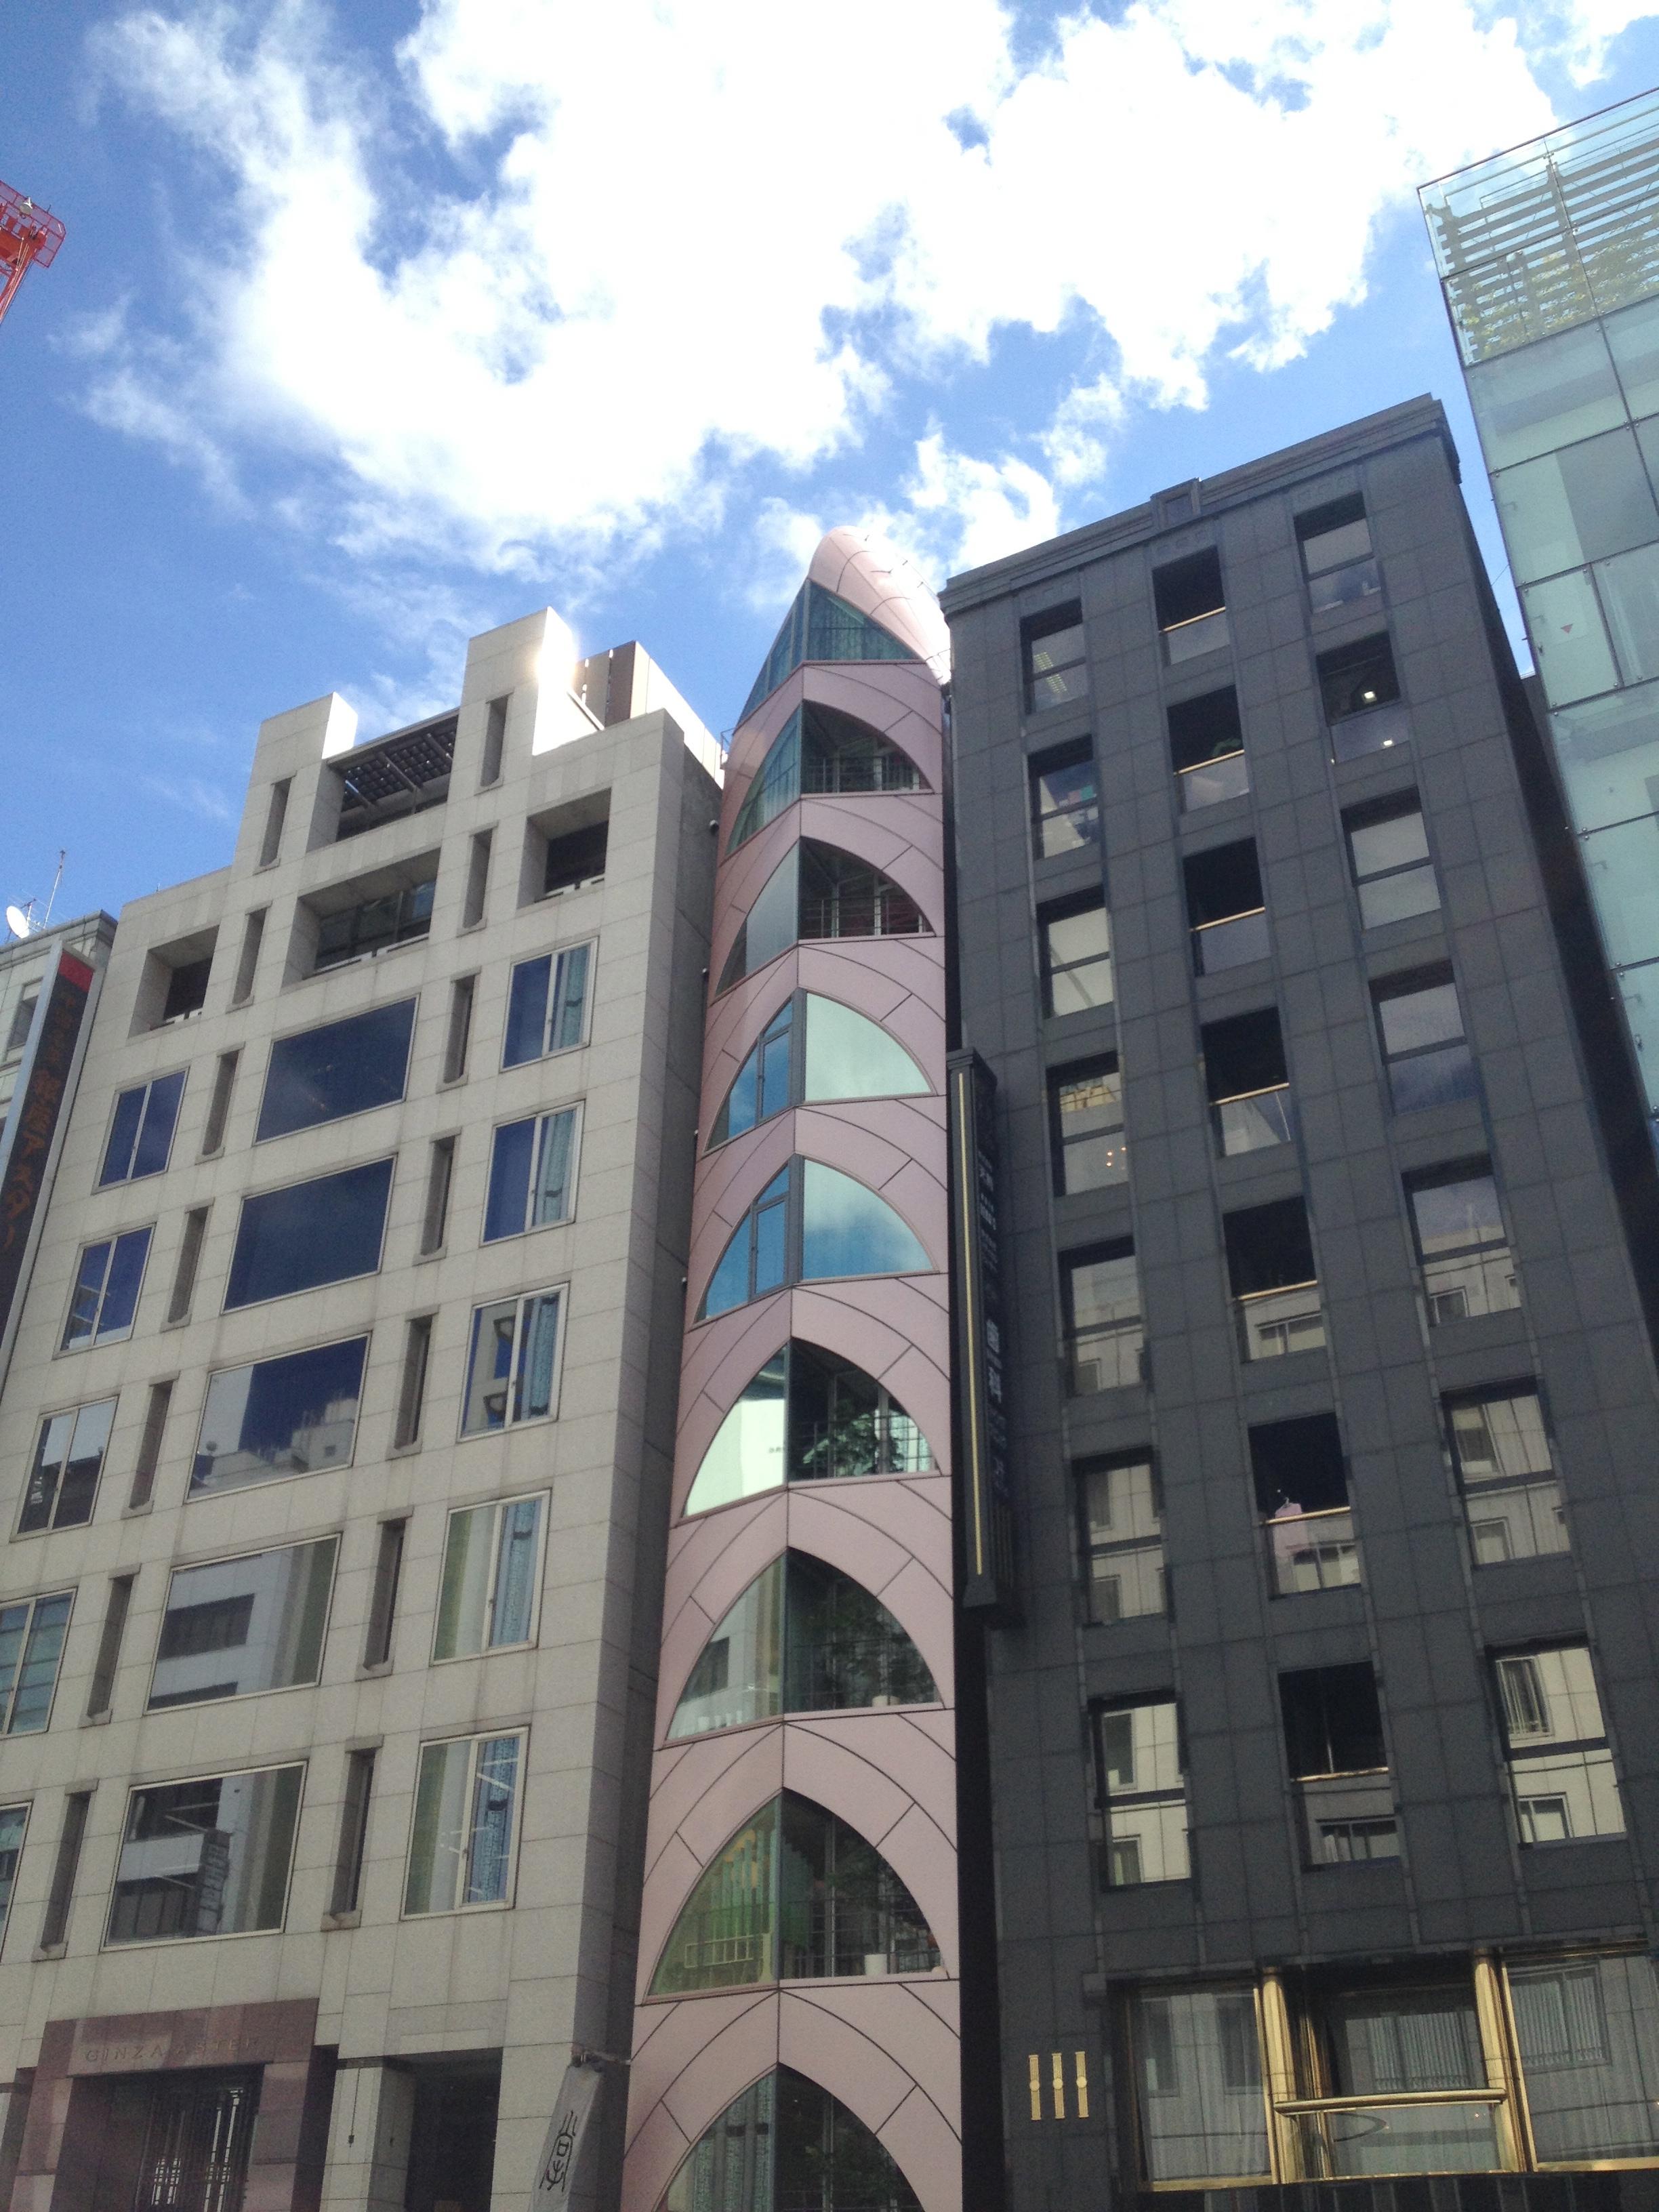 Futuristic buildings in Ginza area